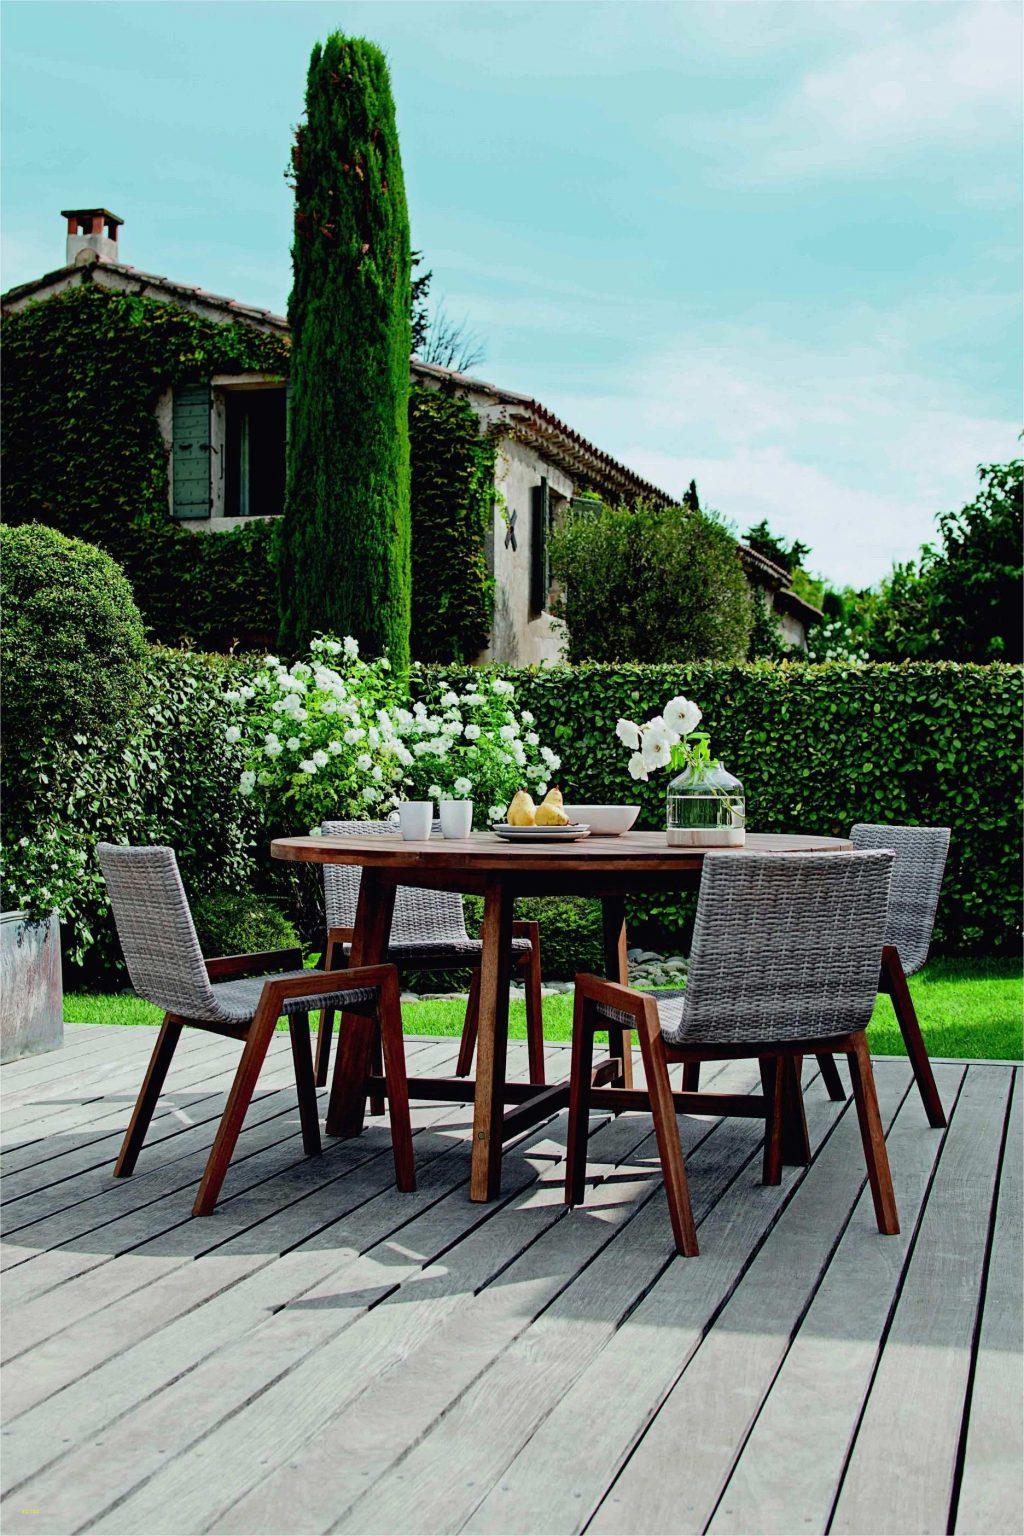 Www Abri Terrasse Com 35 nouveau abri de jardin ikea | salon jardin